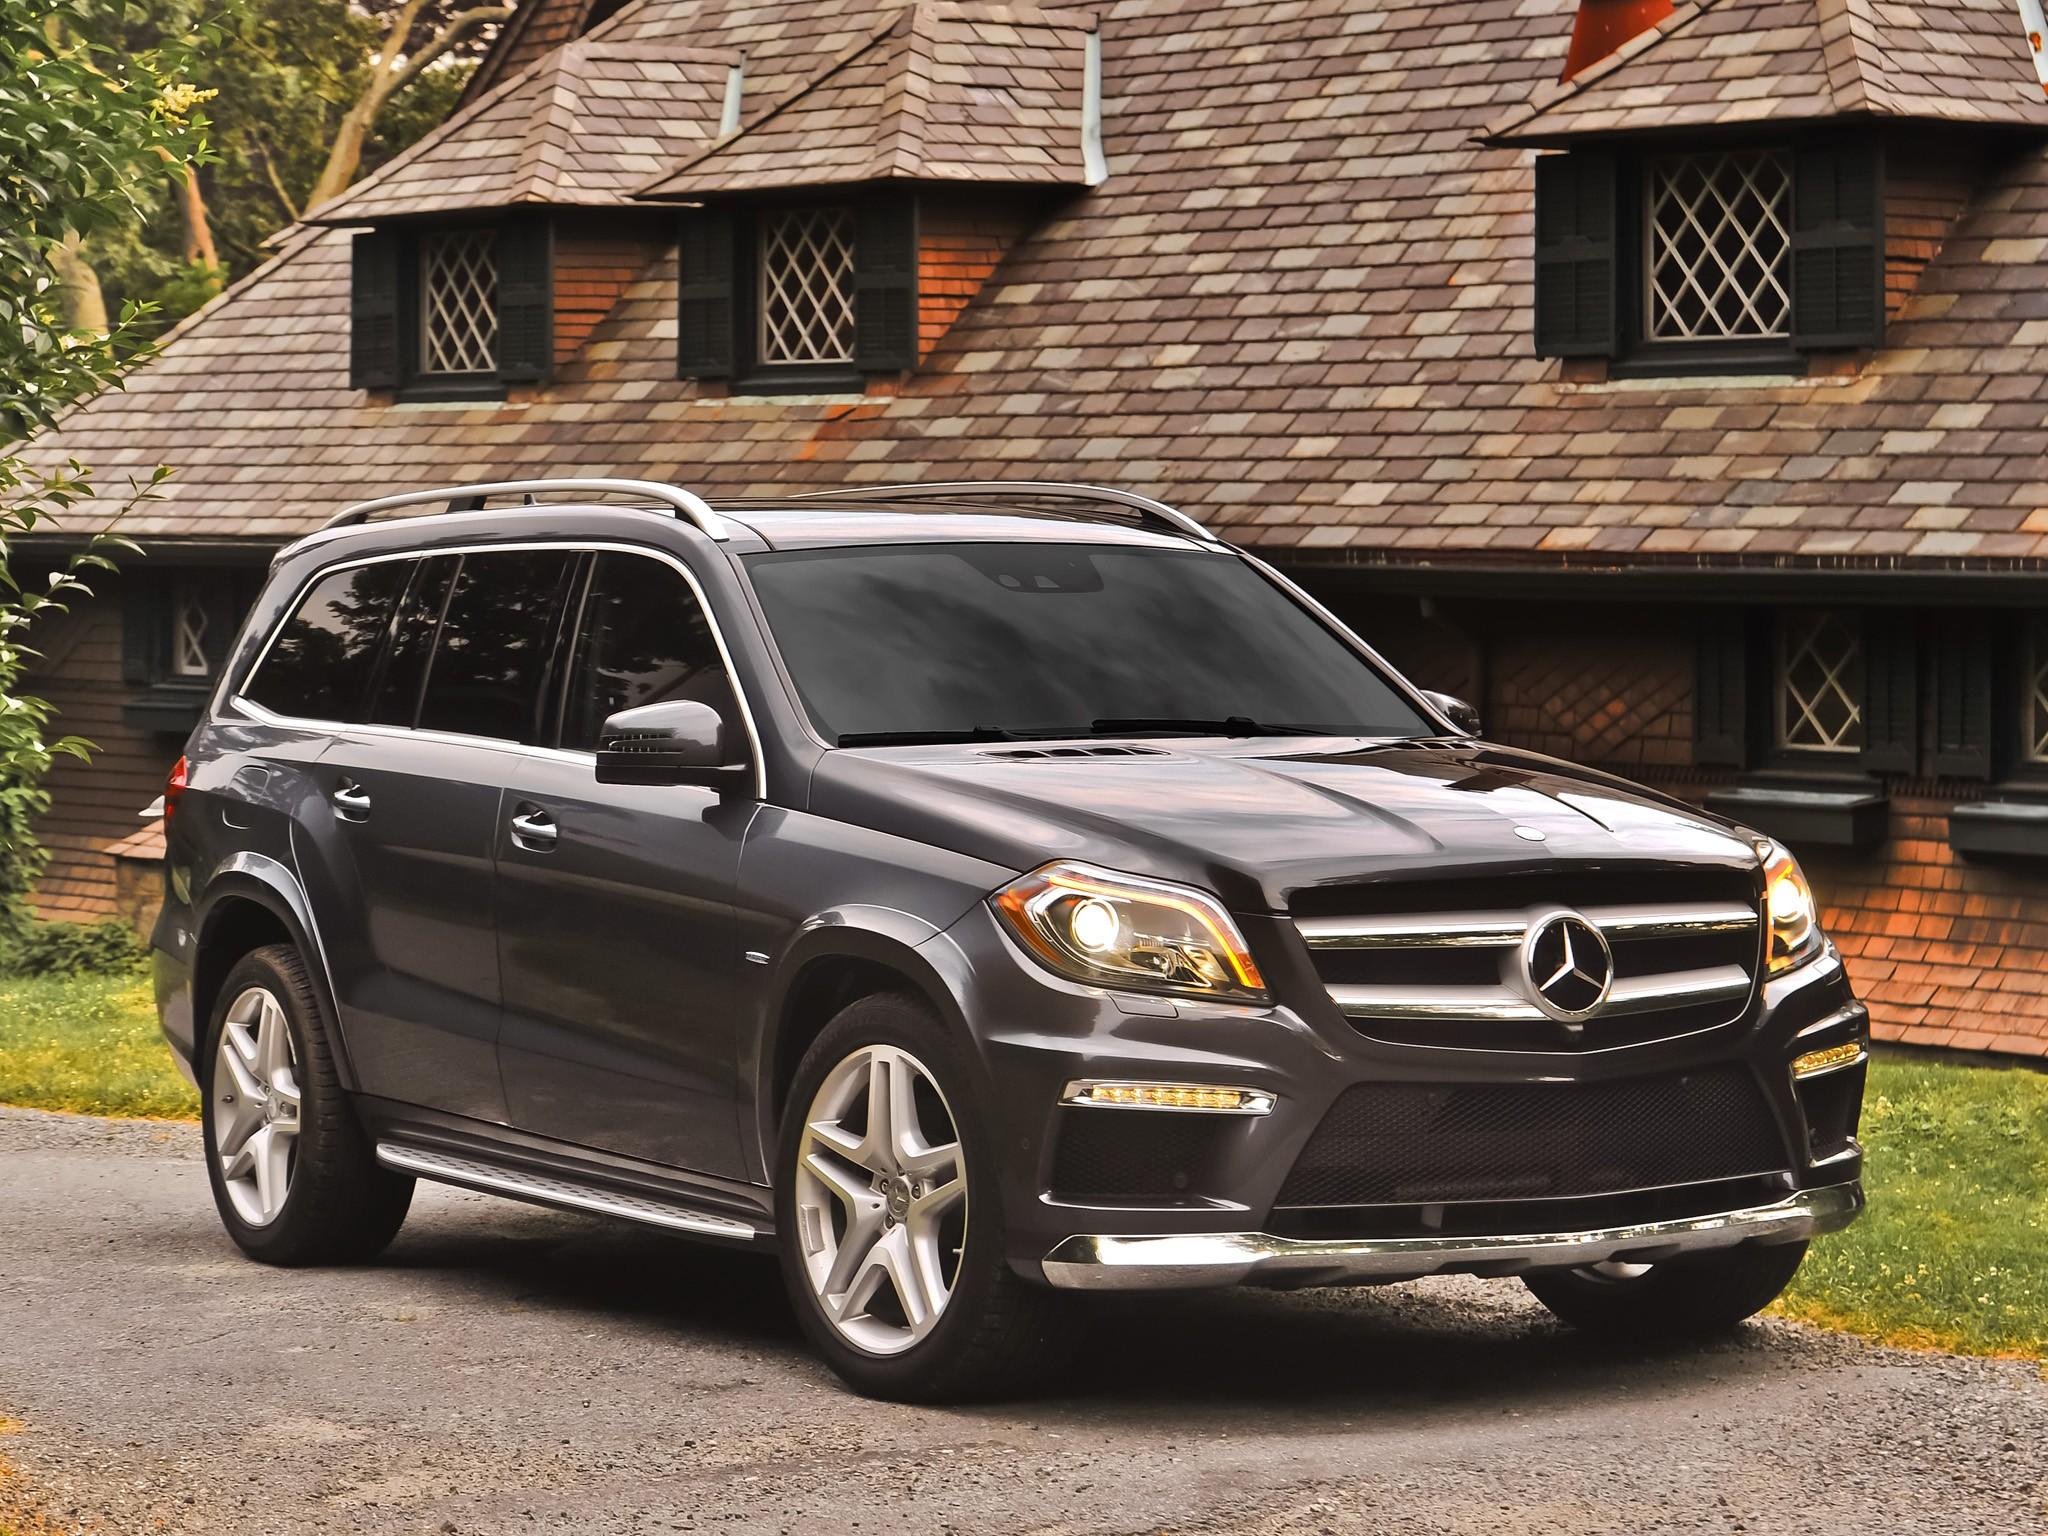 Mercedes benz gl klasse x165 2012 2013 2014 2015 for Mercedes benz gl 2012